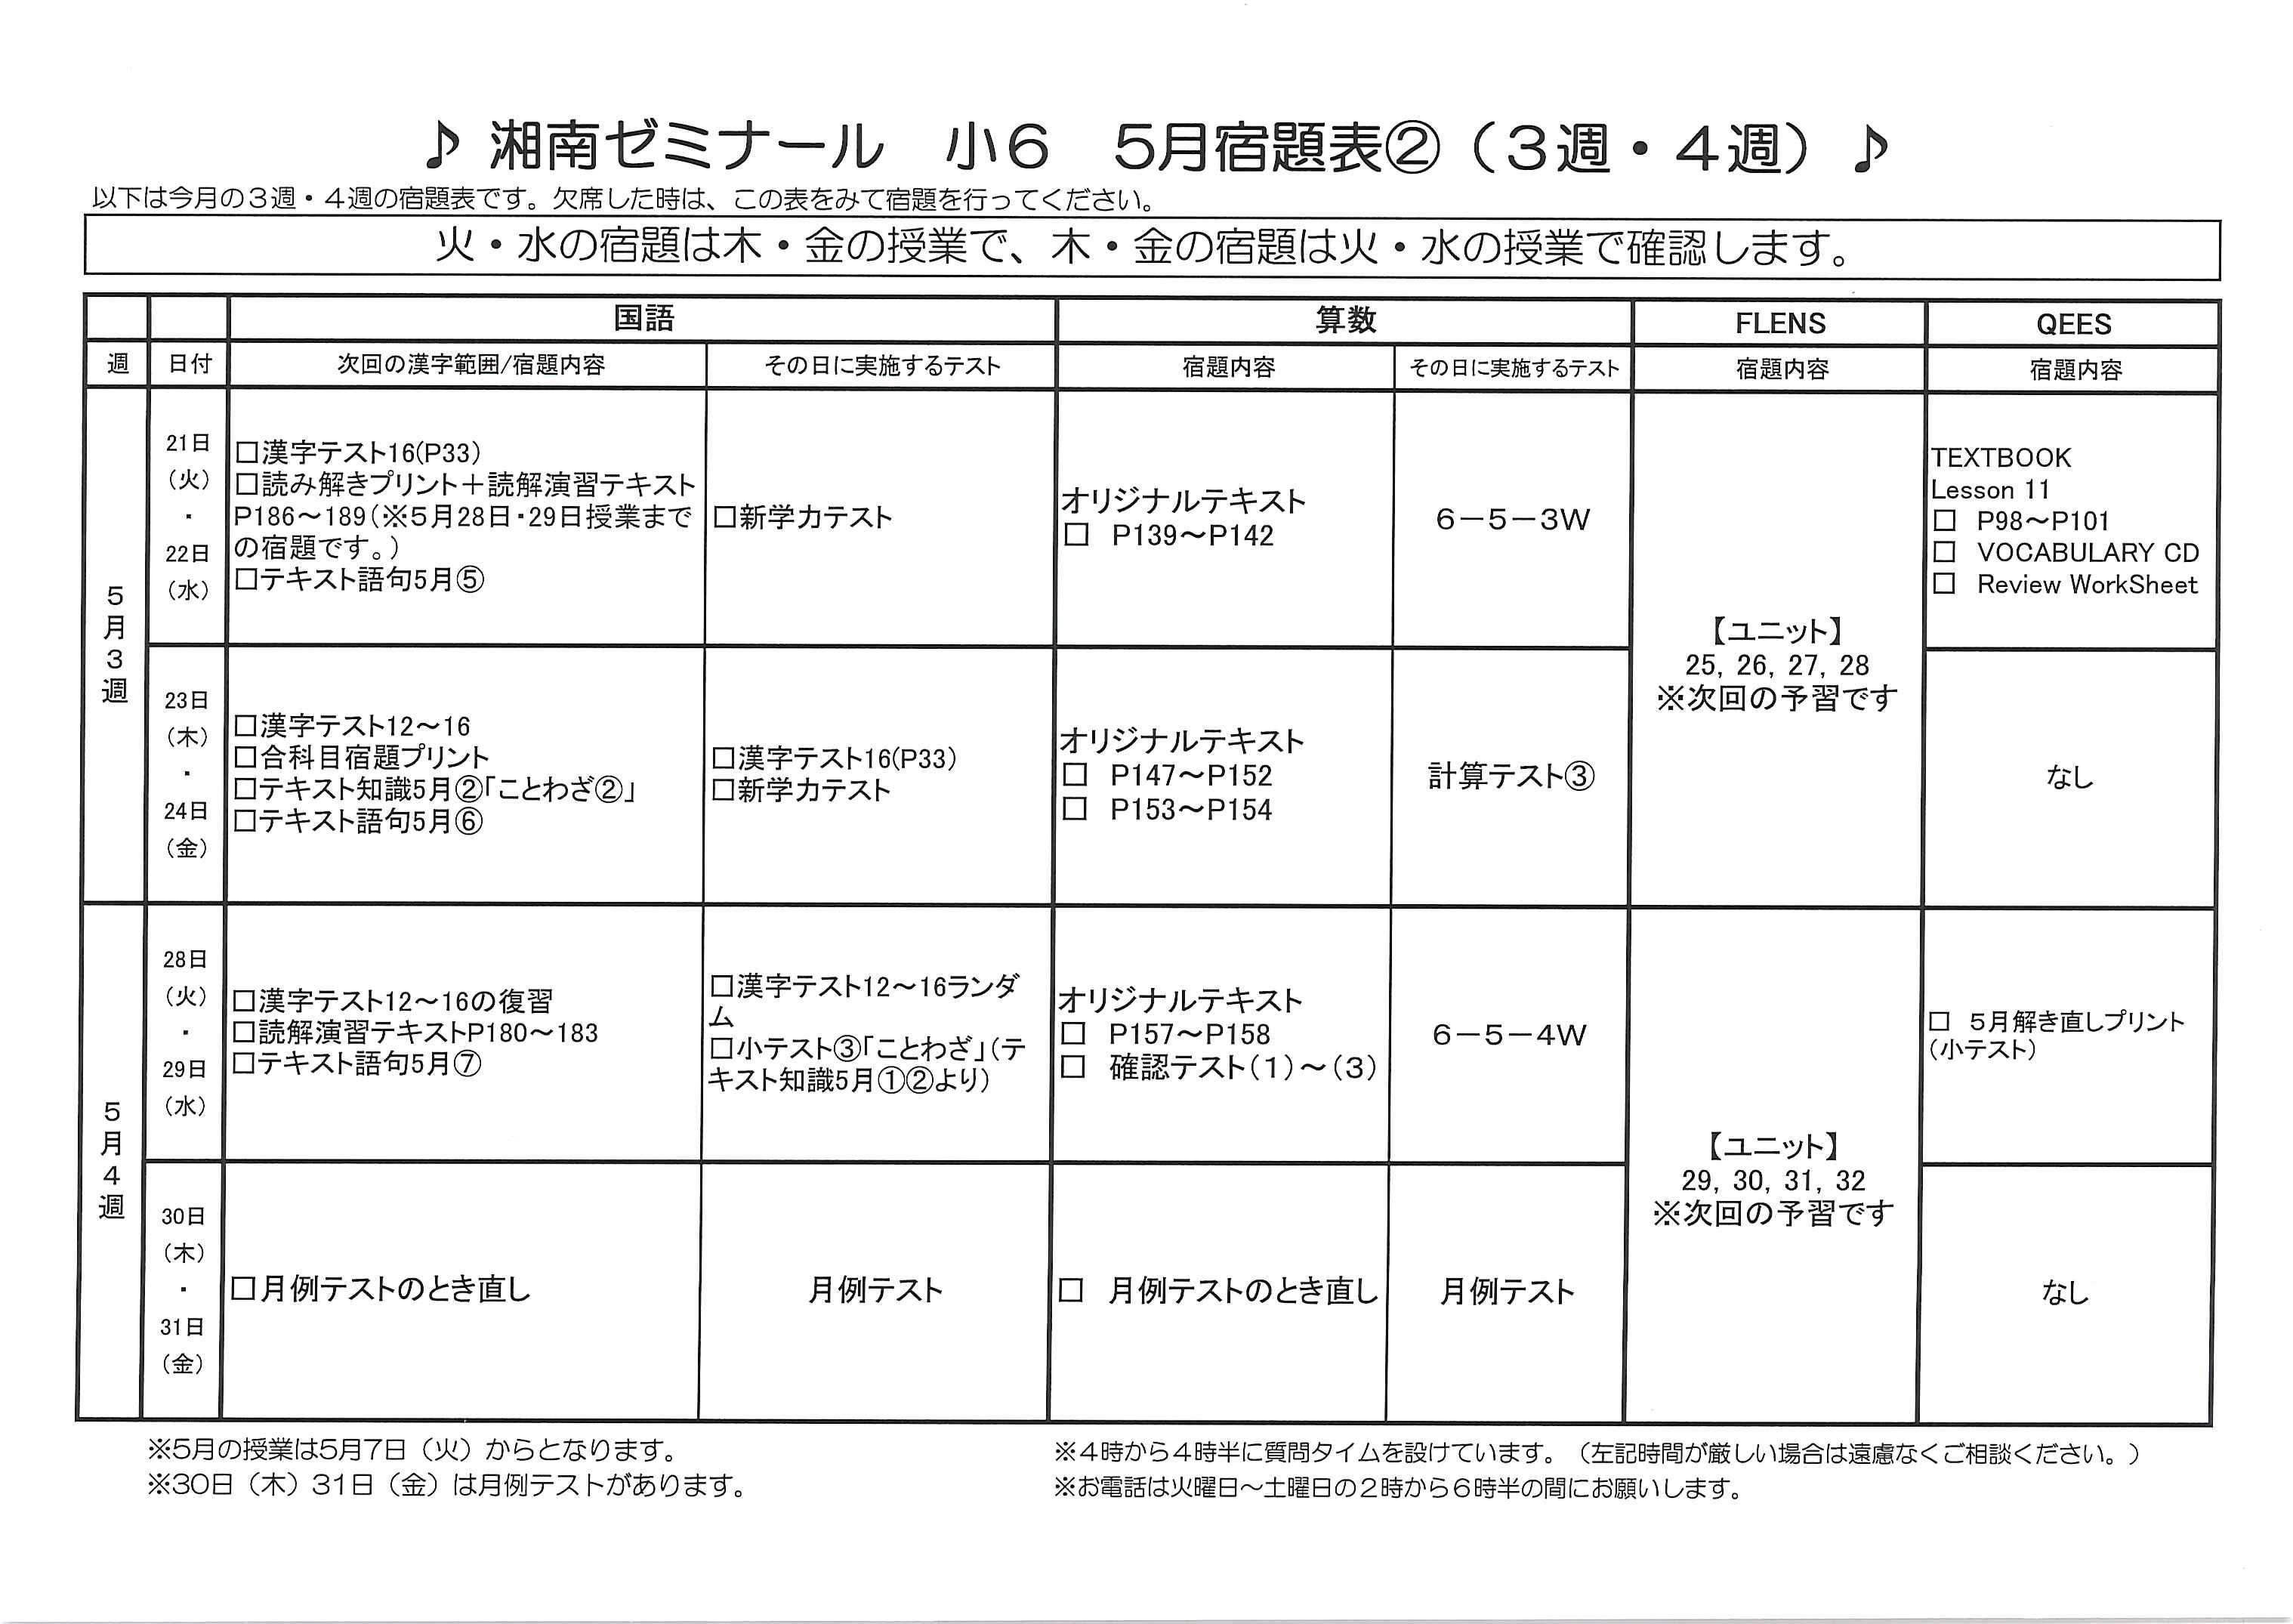 2019年小学生宿題予定表【HP用⑥】.png